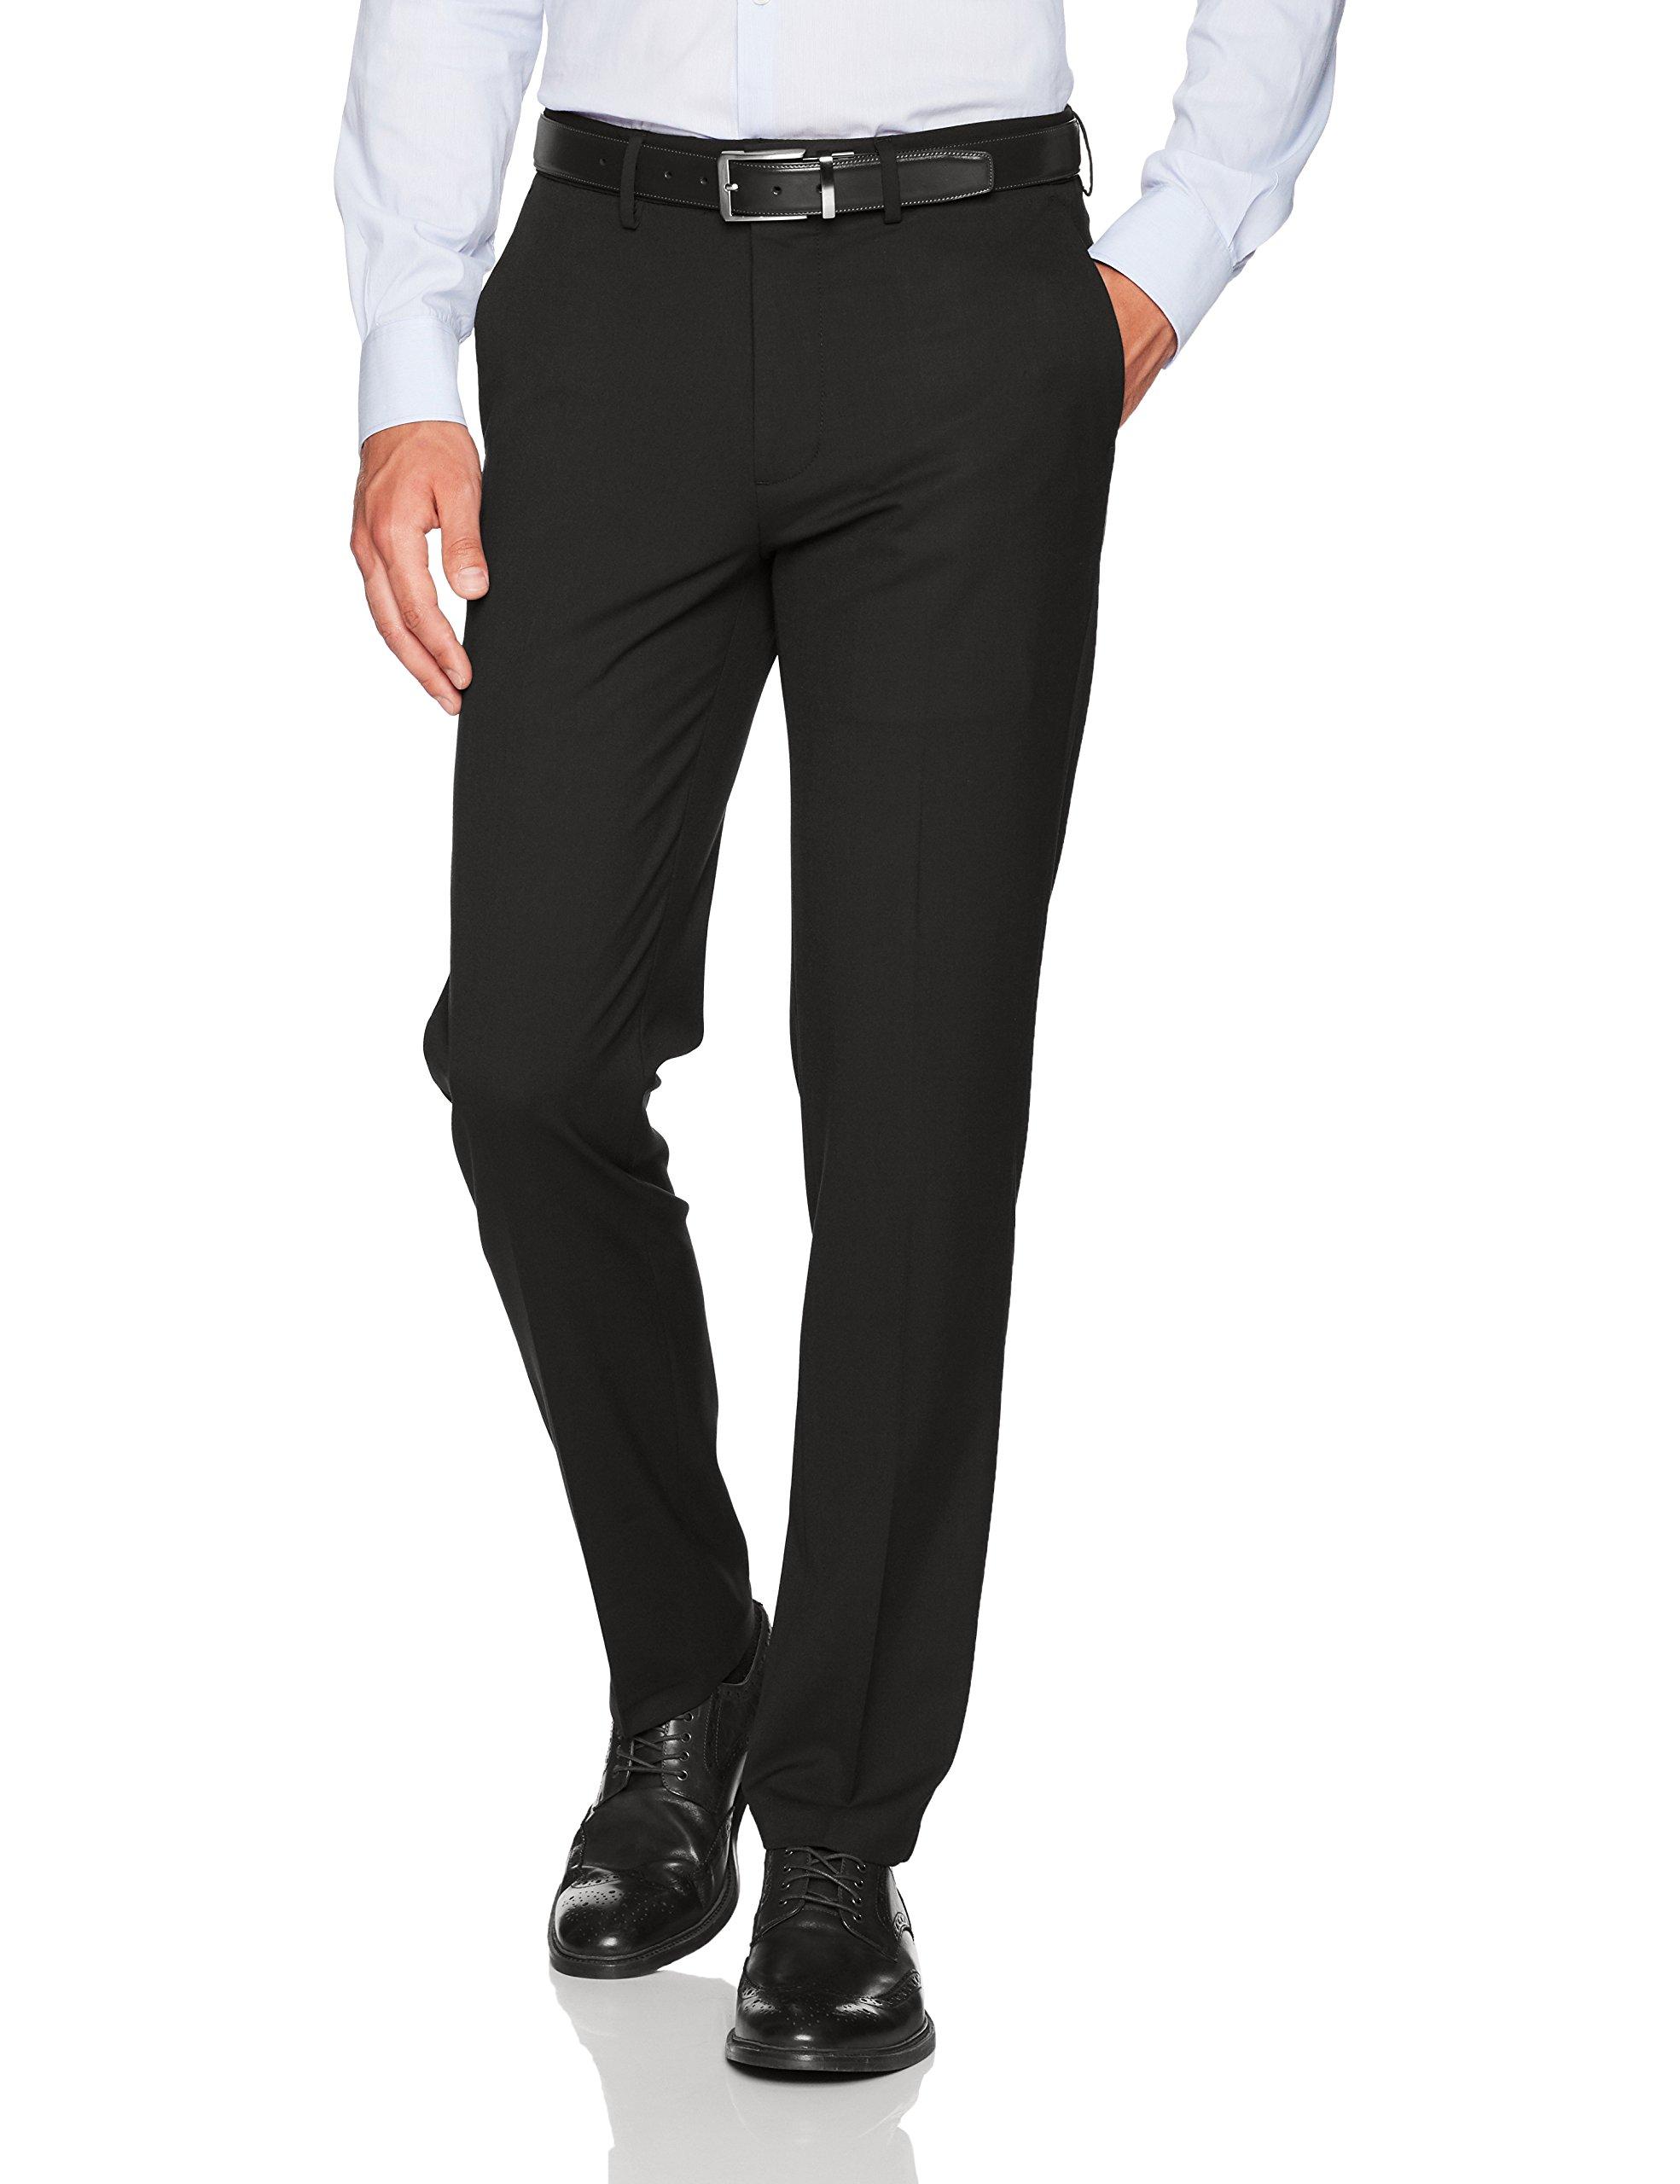 Haggar Men's J.m Stretch Superflex Waist Slim Fit Flat Front Dress Pant, Black, 29Wx32L